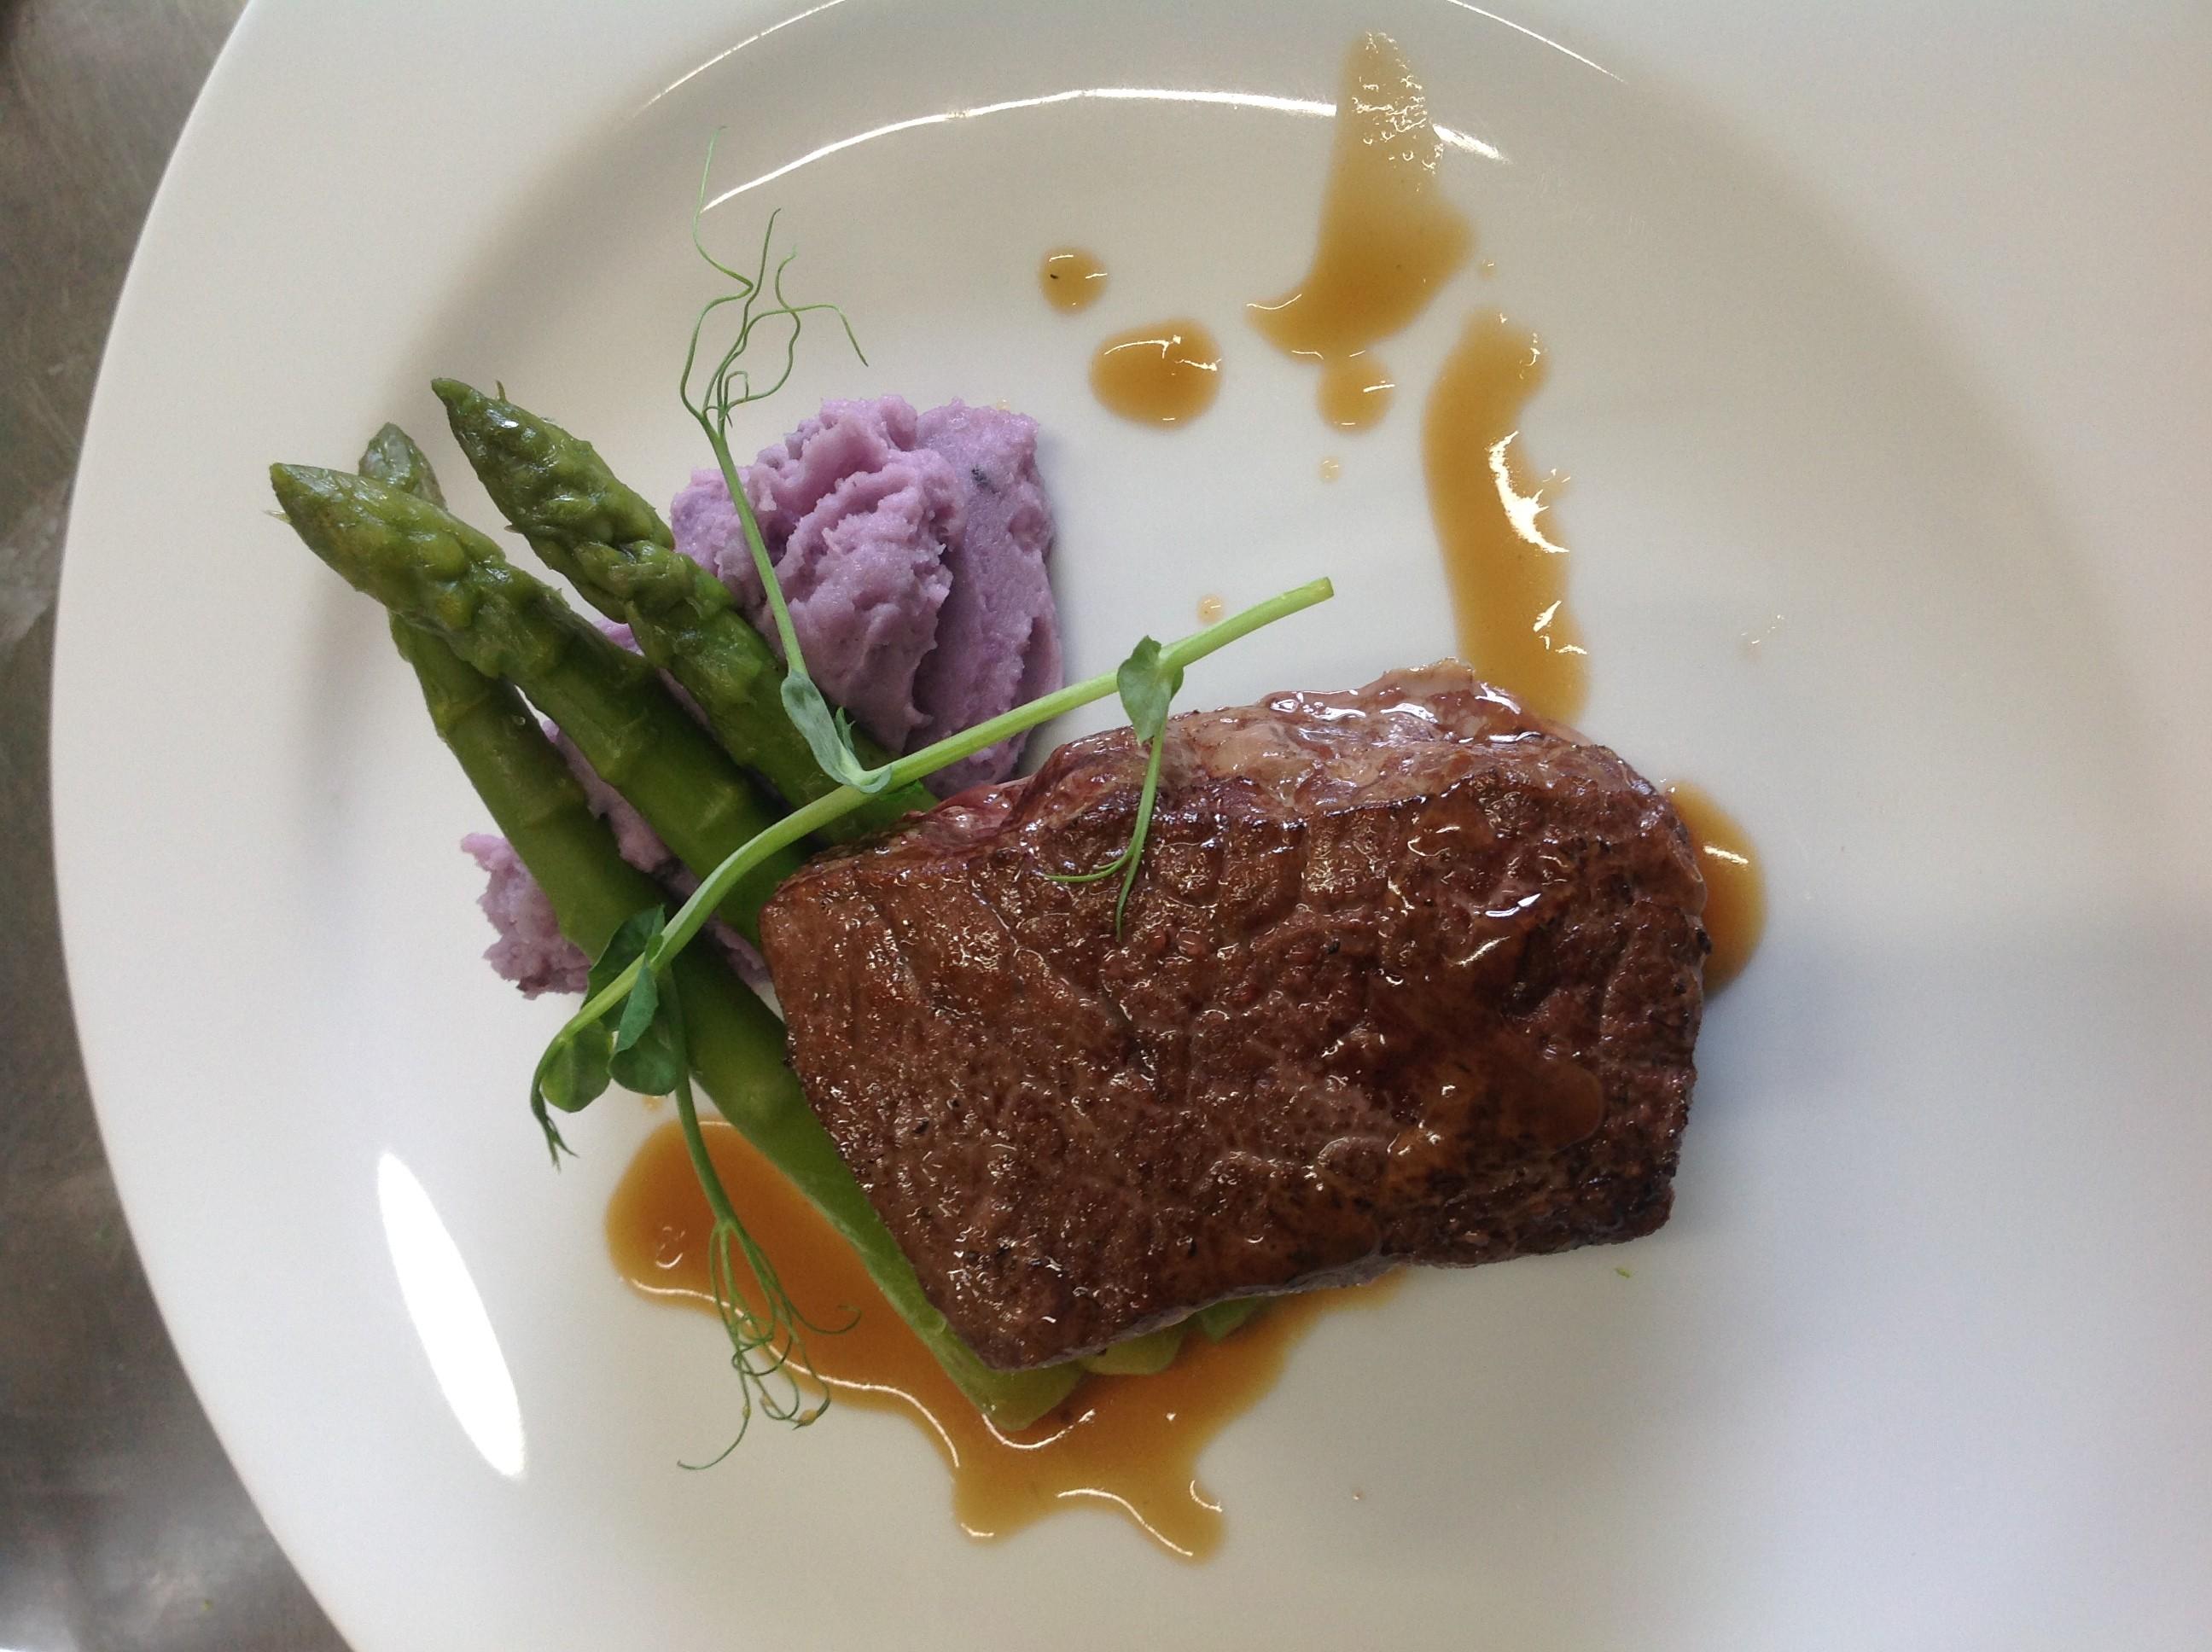 Contre filet, écrasé de bleu d'Artois et asperges vertes